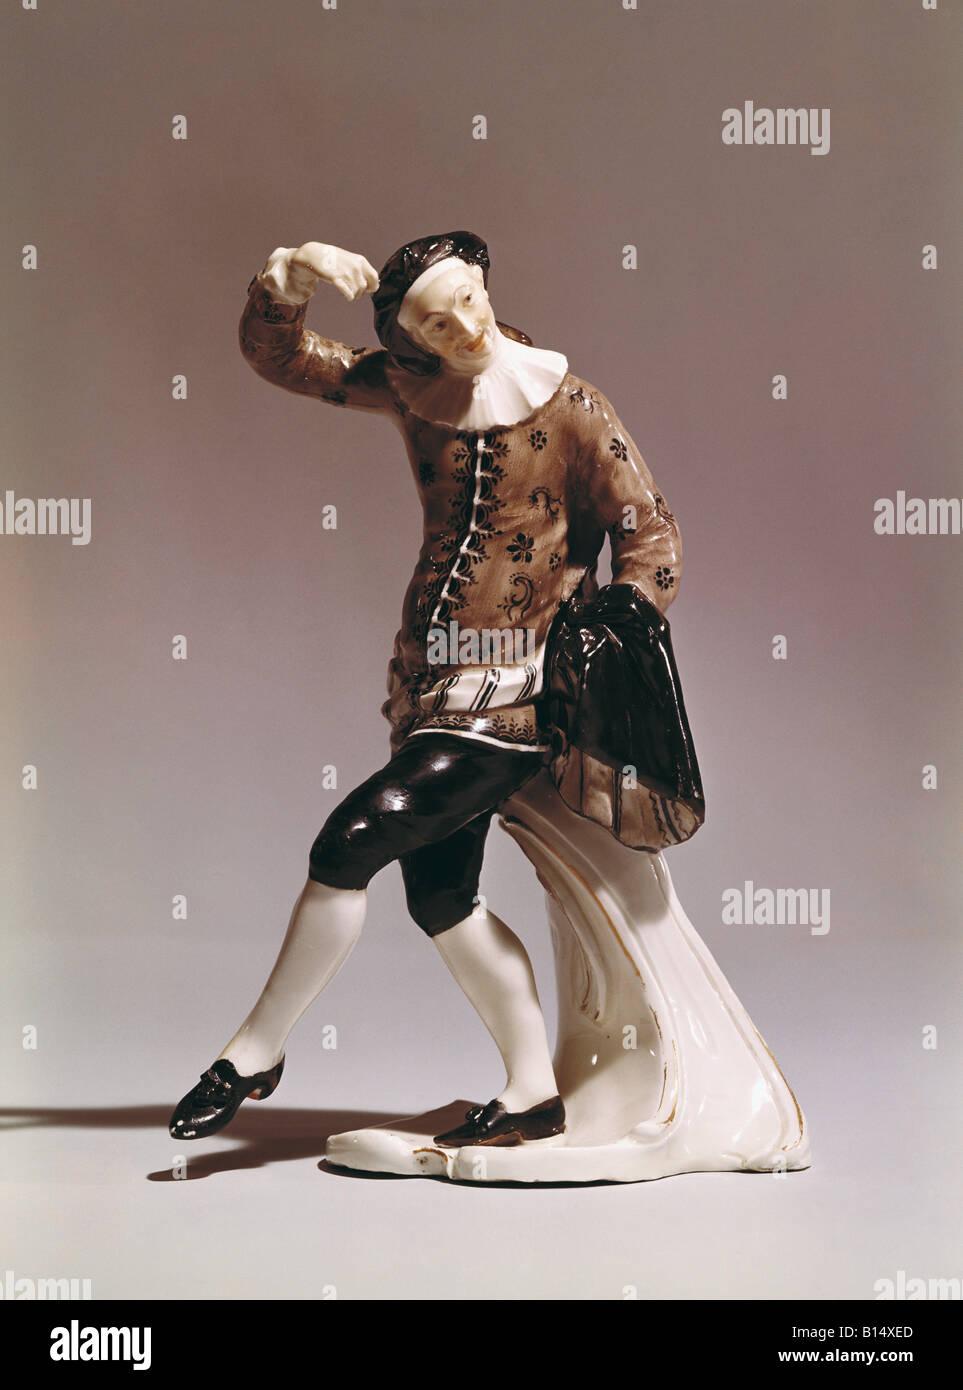 """Belle arti, Bustelli Franz Anton (12.4.1723 - 18.4.1763), scultura, """"Innamorato"""" (l'Amore), 1756, Immagini Stock"""